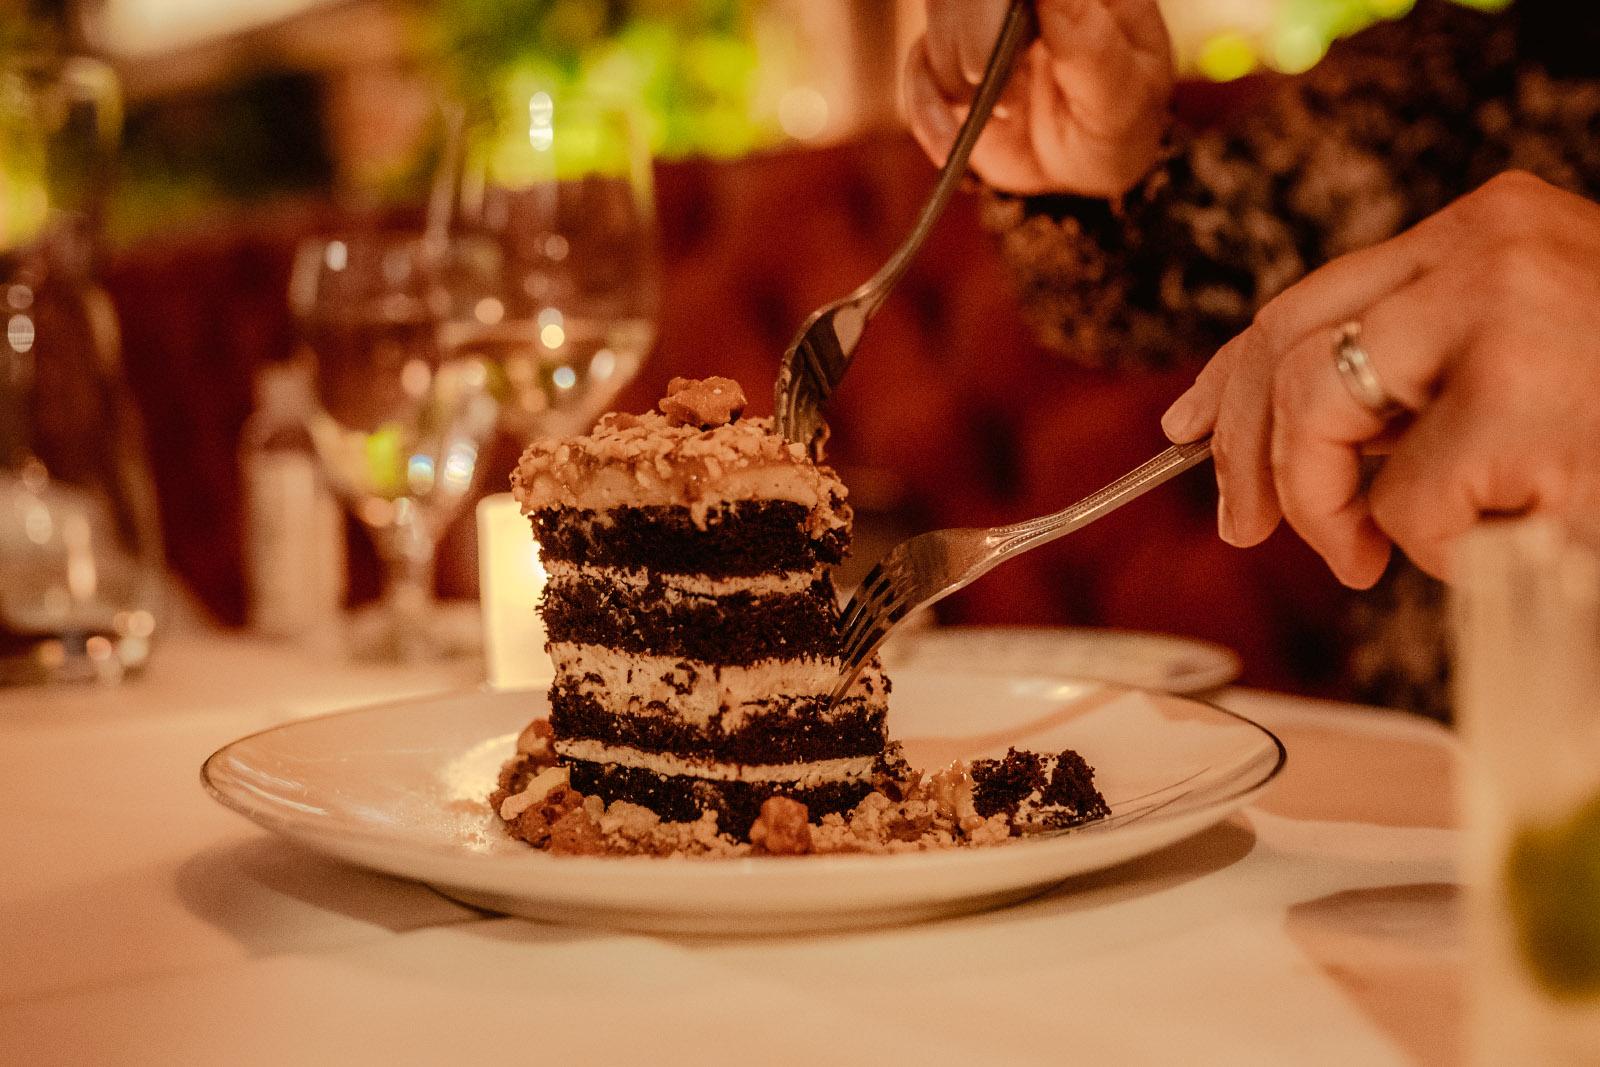 Romantic Cake Bite